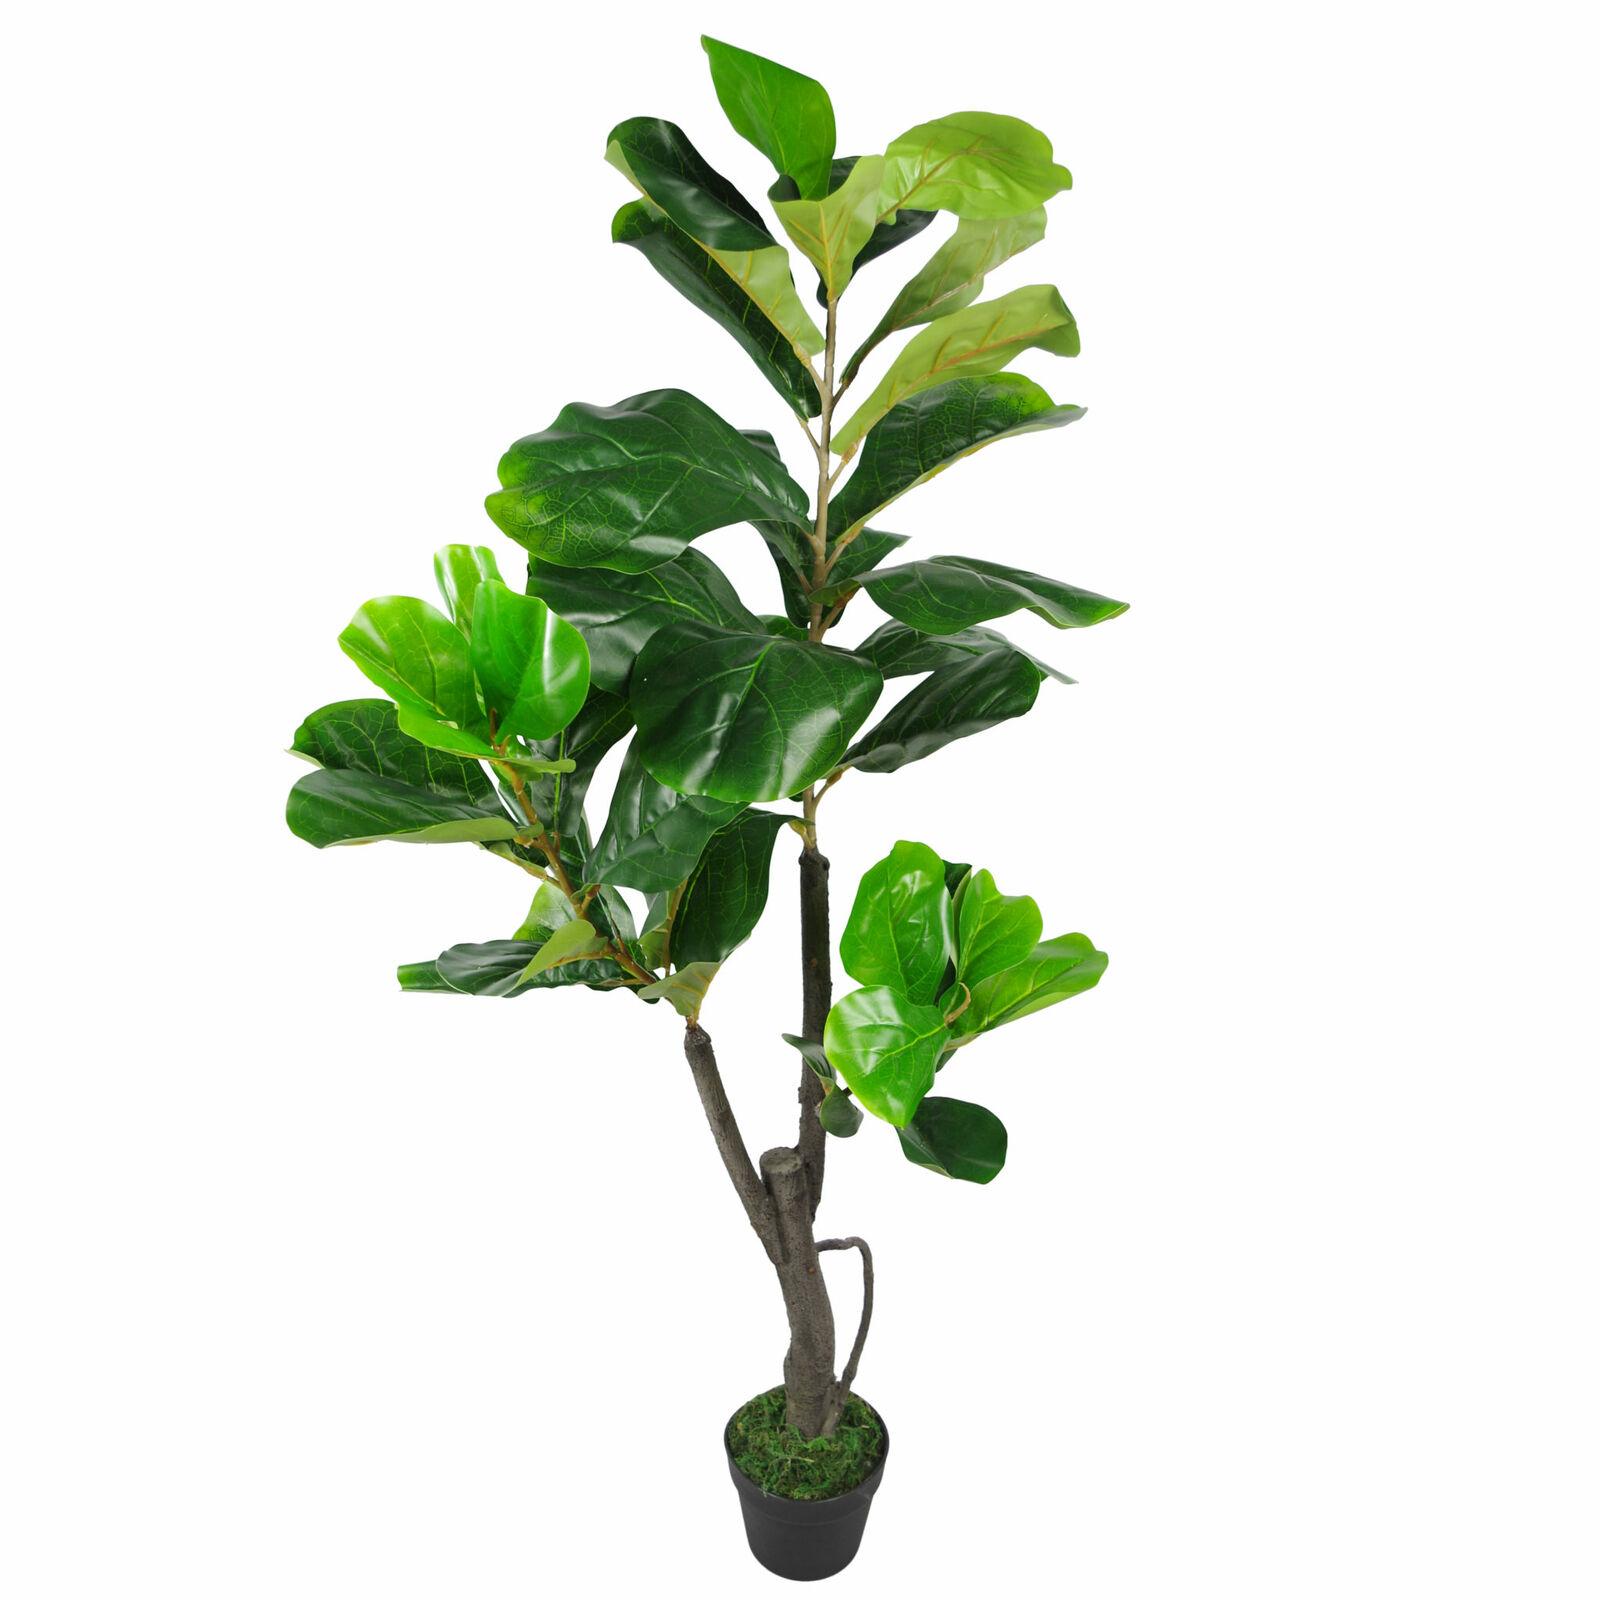 120cm (4ft) Groß Künstlich Geige Feigen Baum Ficus Lyrata Pflanze Leaf-7252